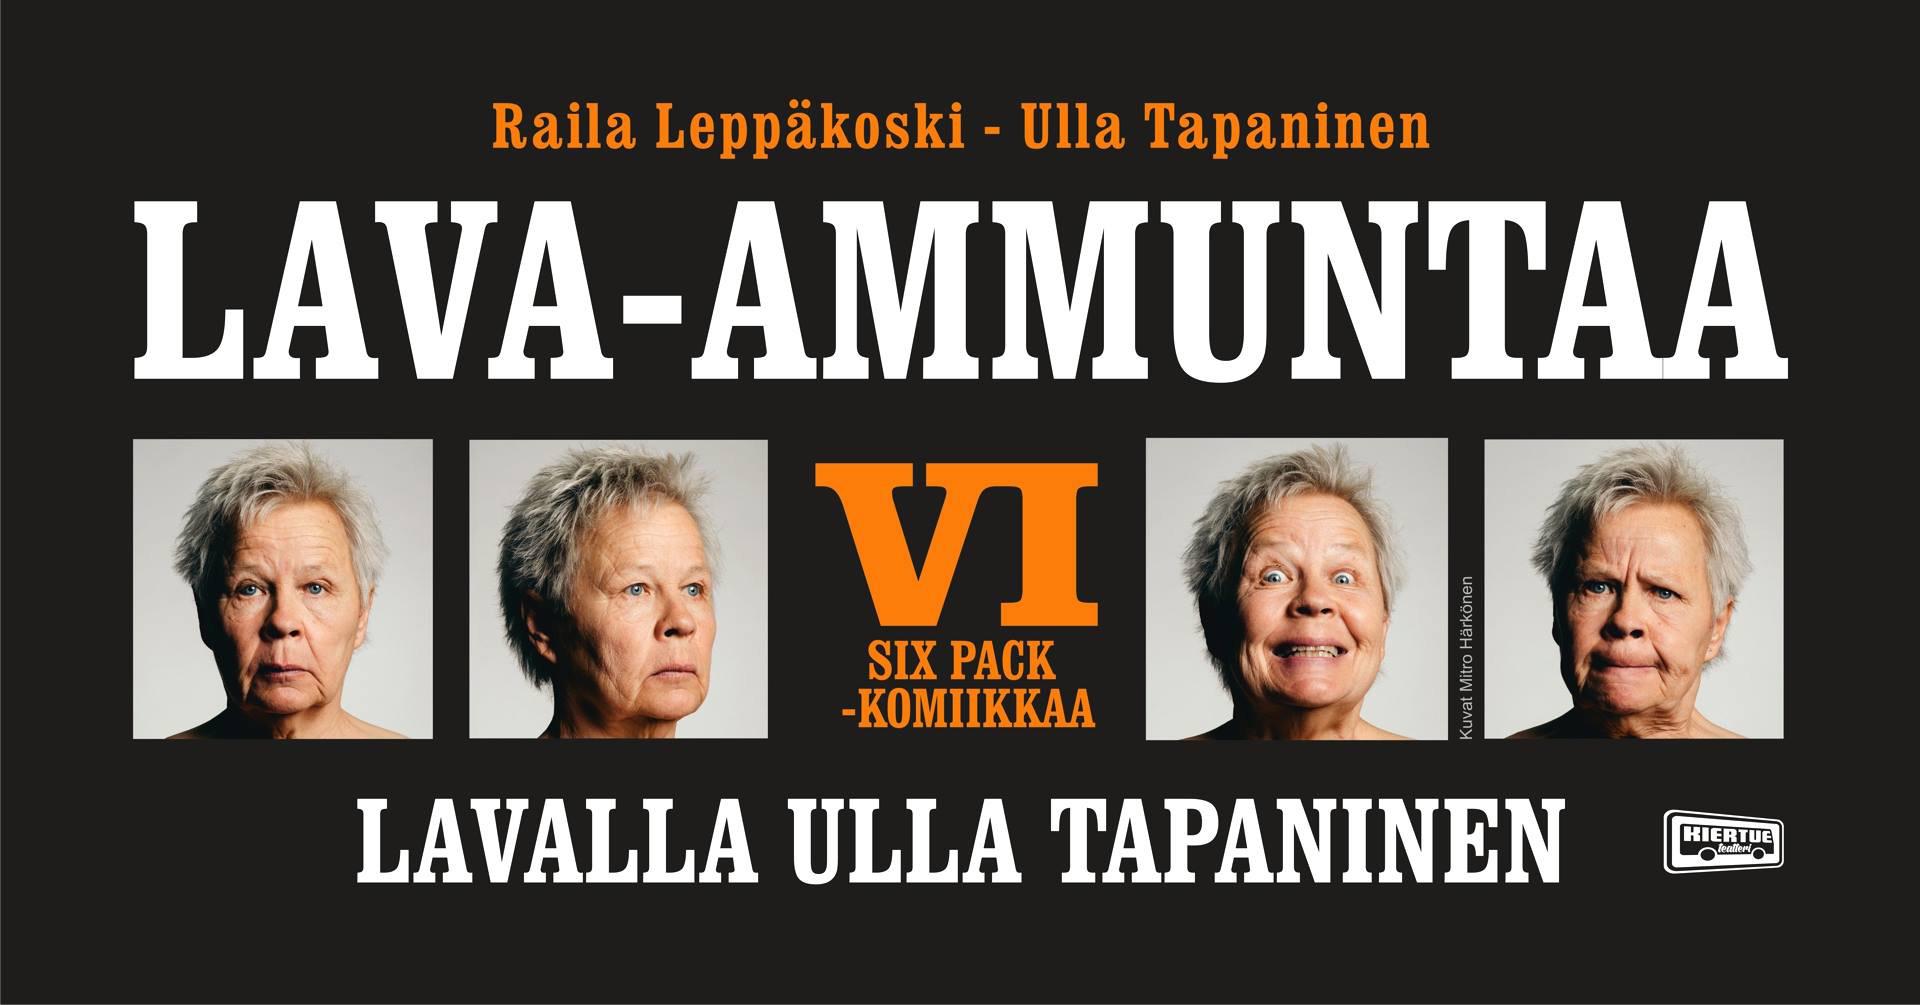 Ulla Tapanisen legendaarisen Lava-ammuntaa -sarjan kuudes osa Kangasala-talossa helmikuussa 2020.